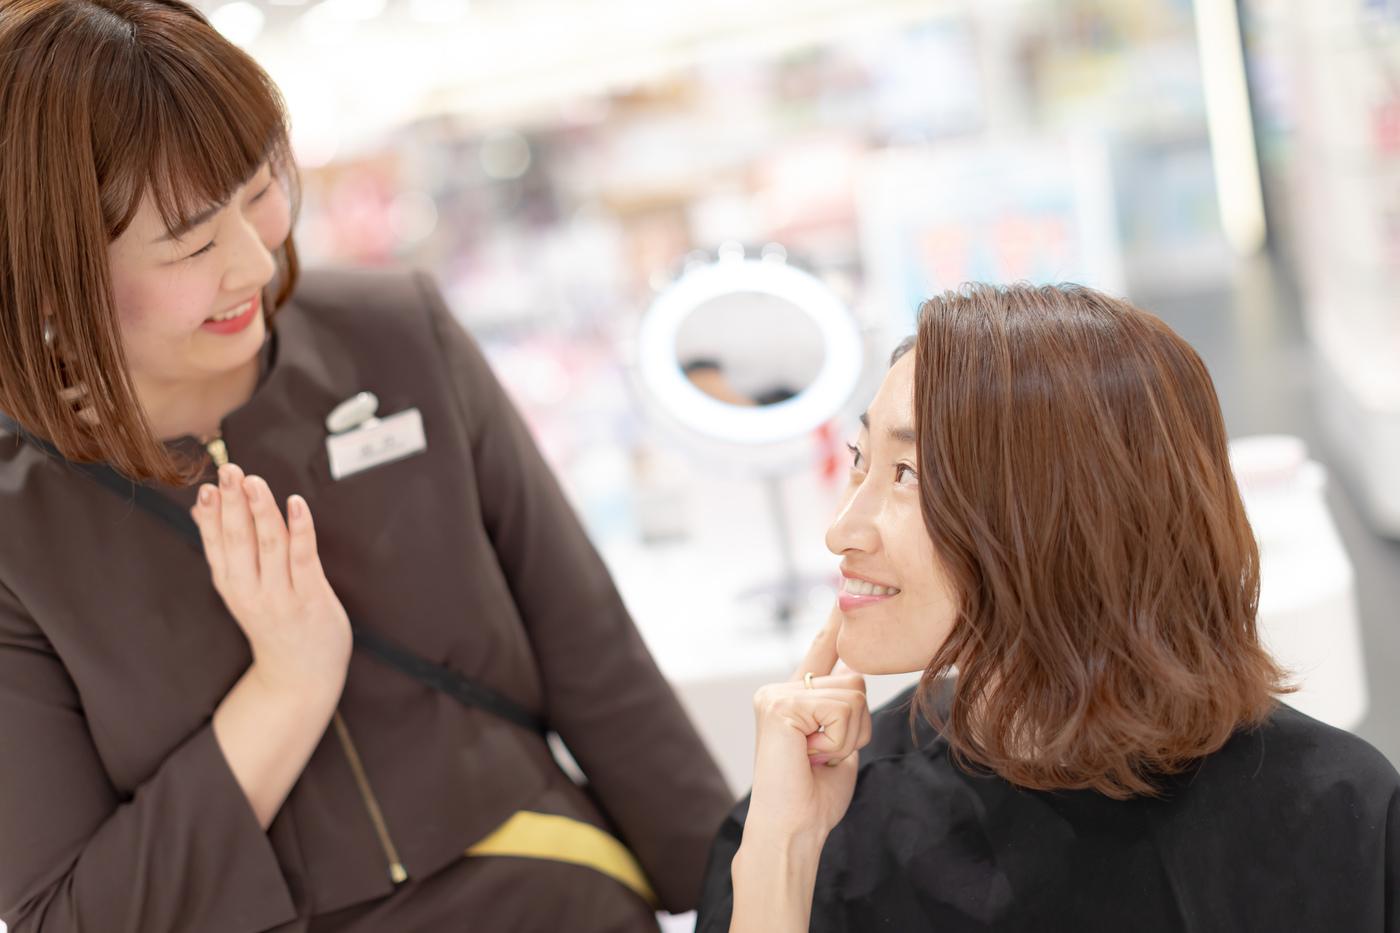 ダメージに「負けない」肌作り。アユーラの店舗カウンセリング体験!の8枚目の画像